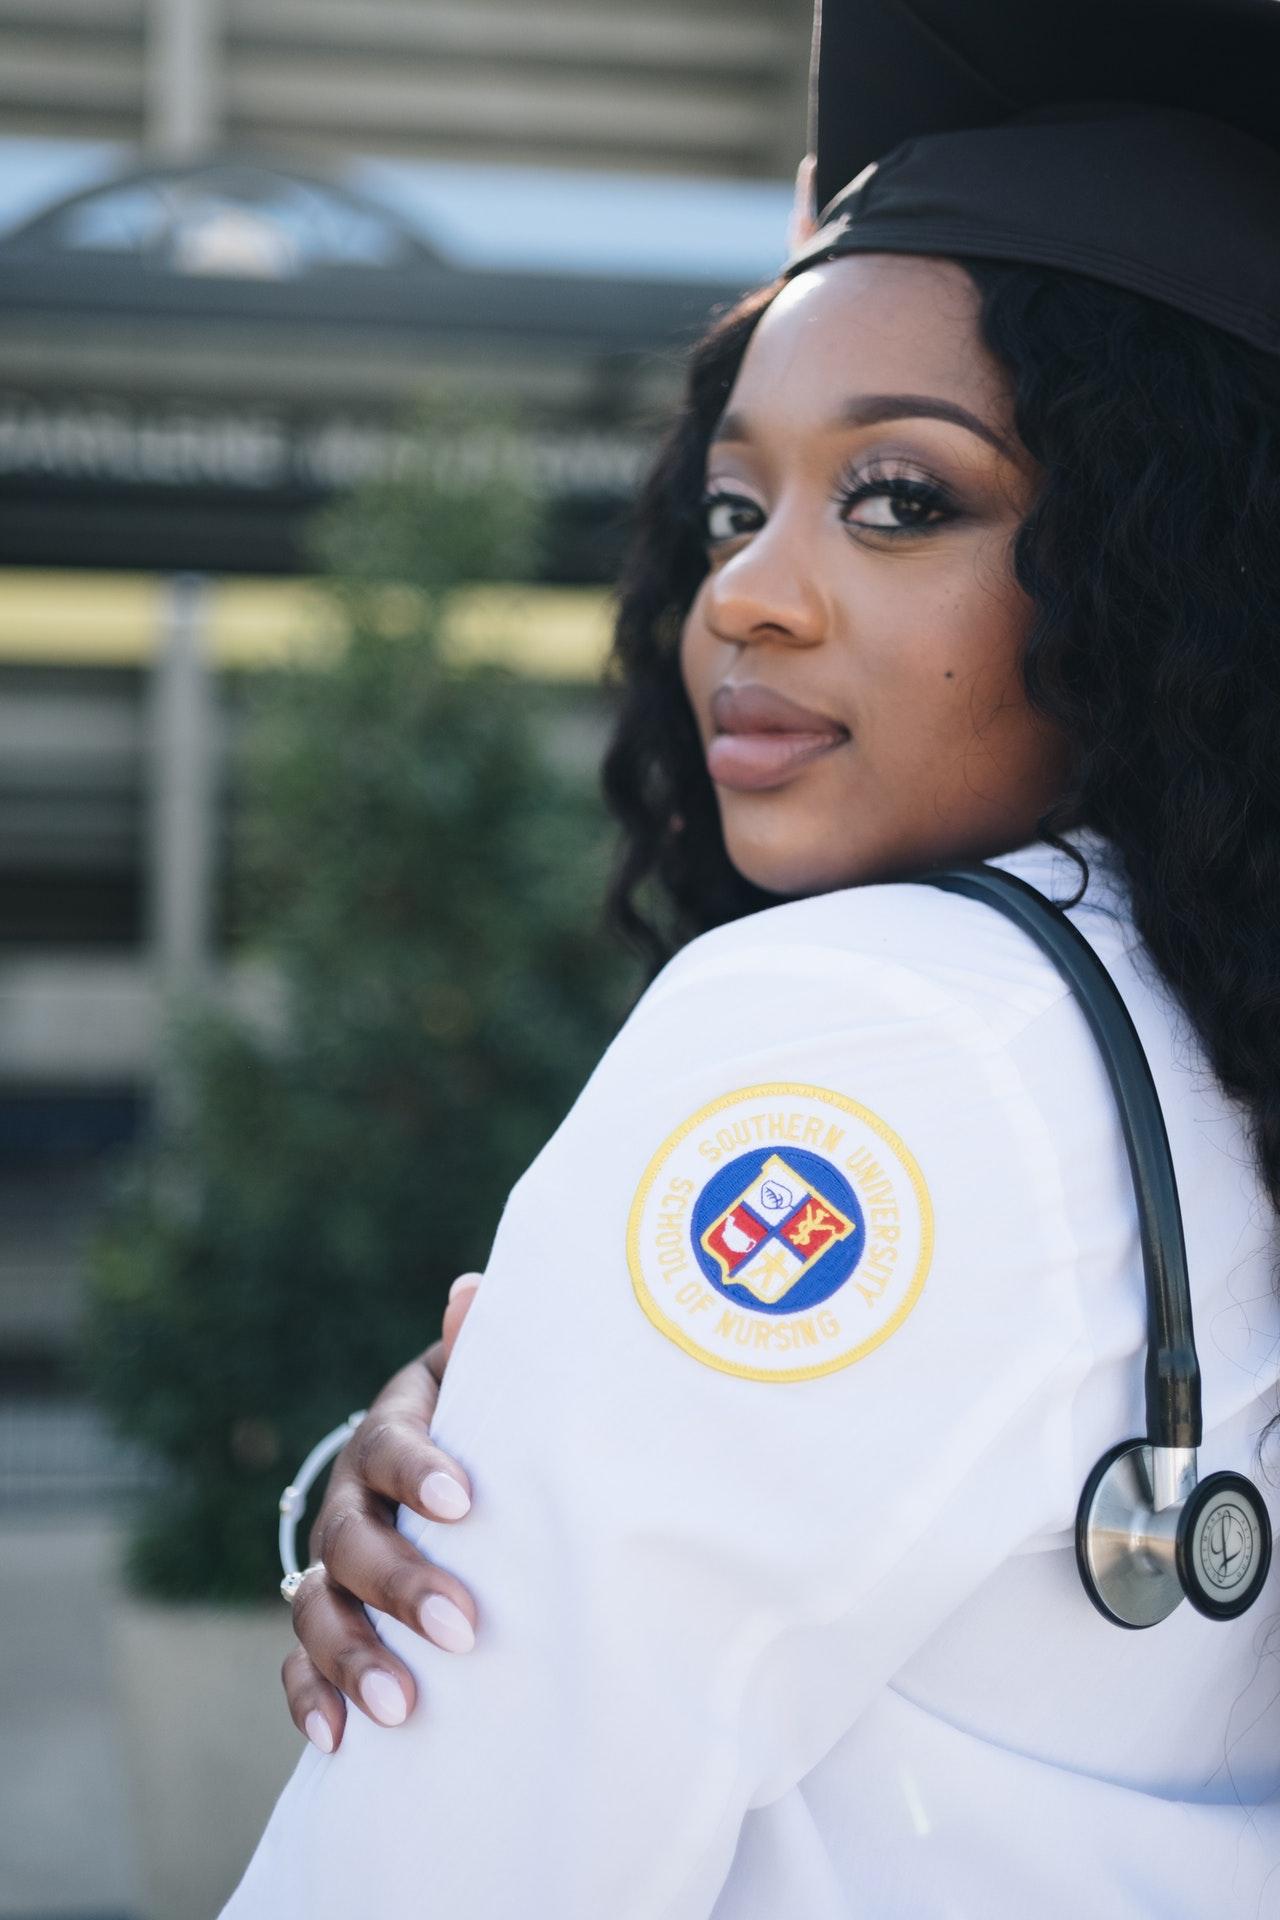 graduation from nursing school